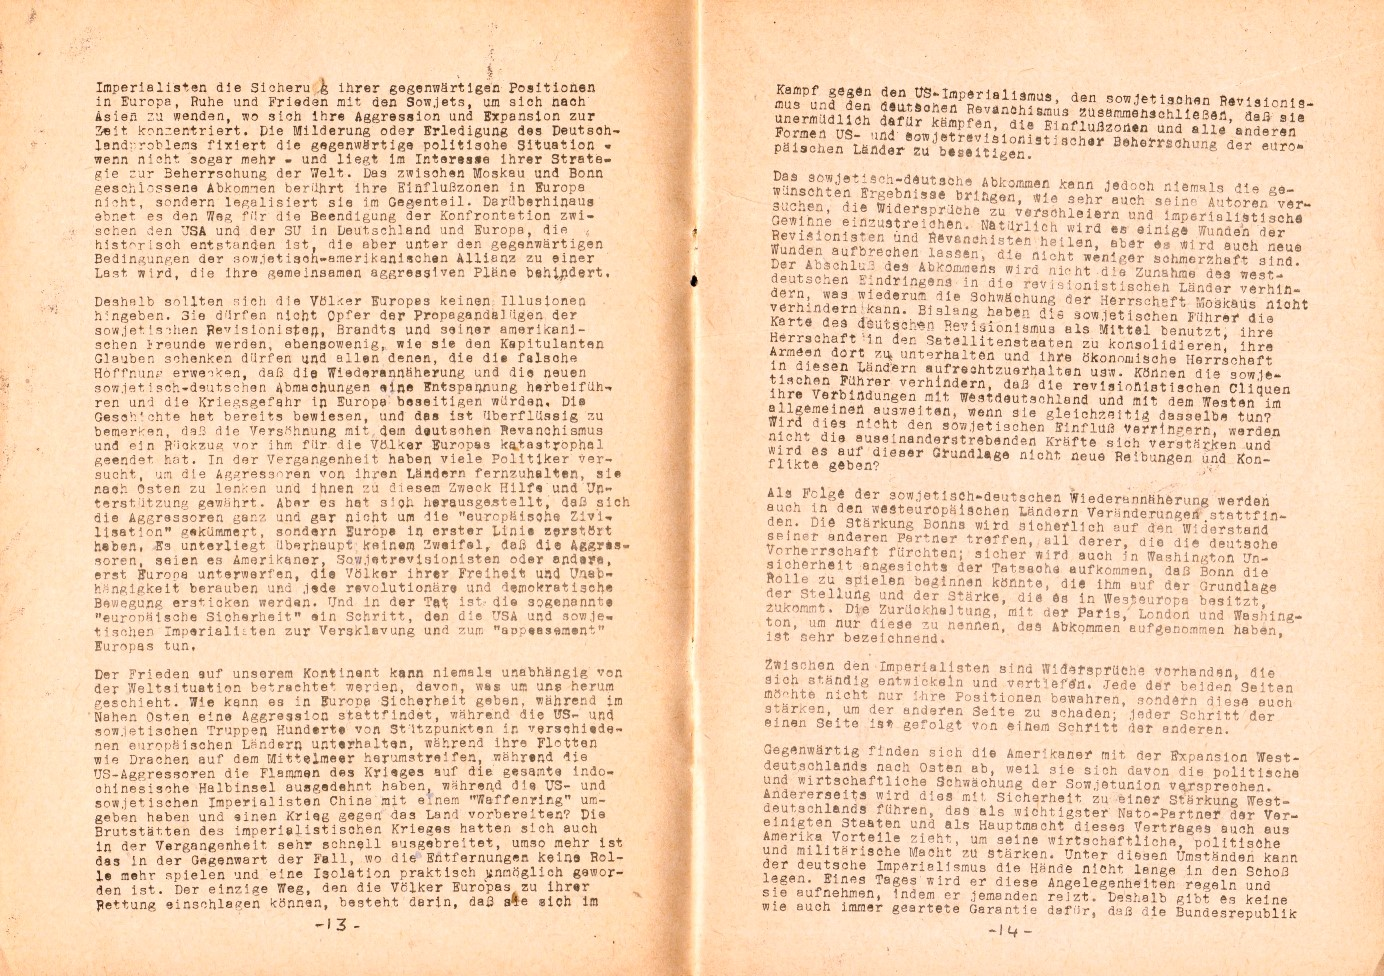 KPDML_1970_Der_sowjetisch_westdeutsche_Vertrag_10